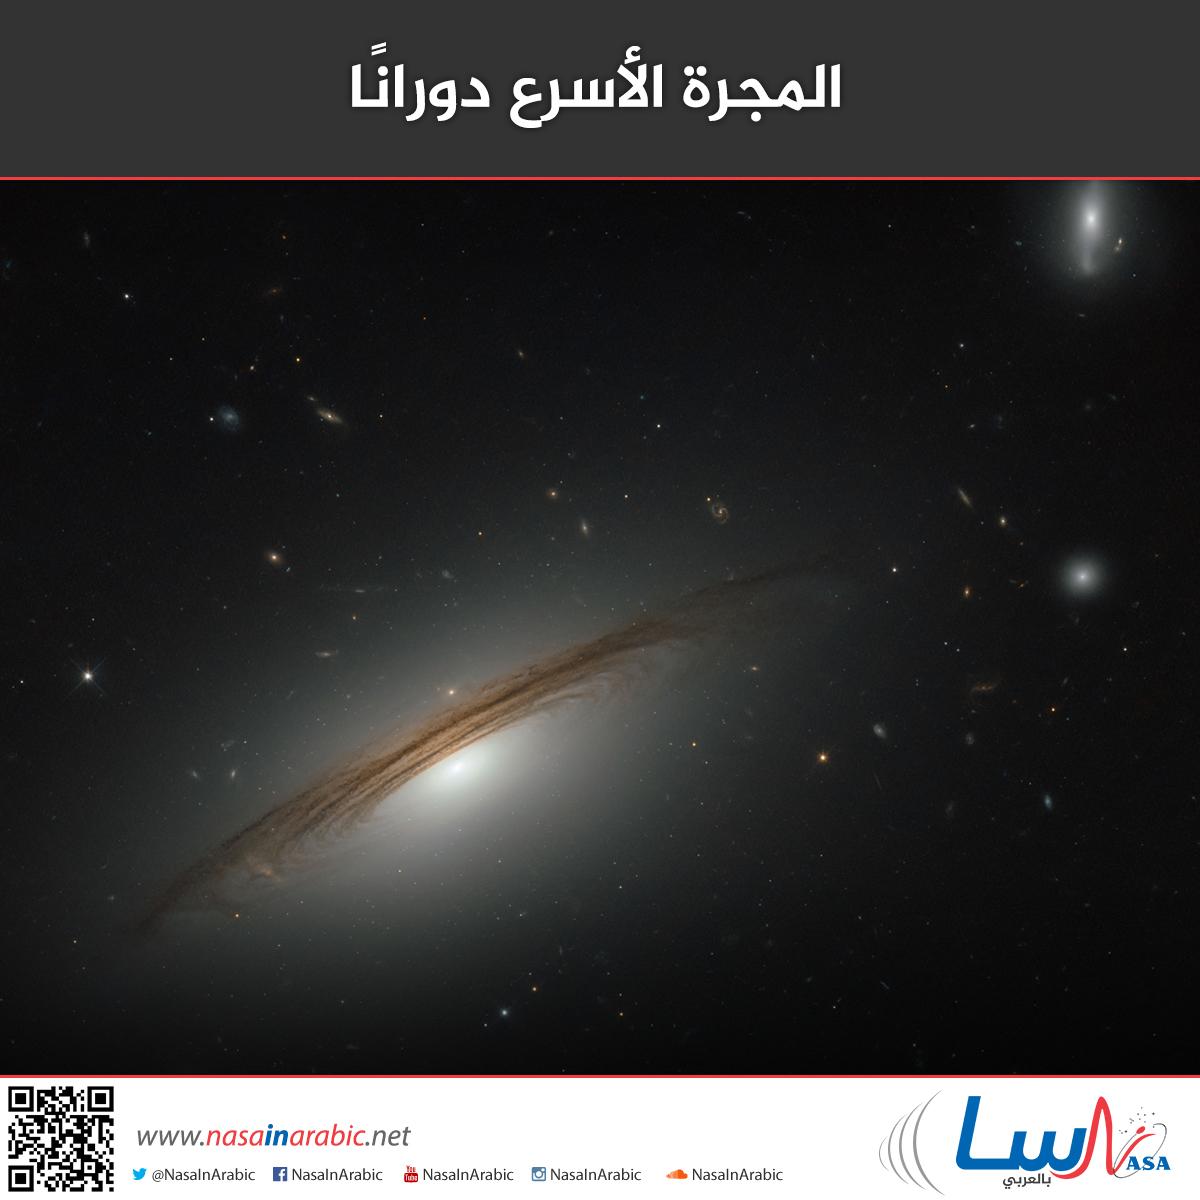 المجرة الأسرع دورانًا